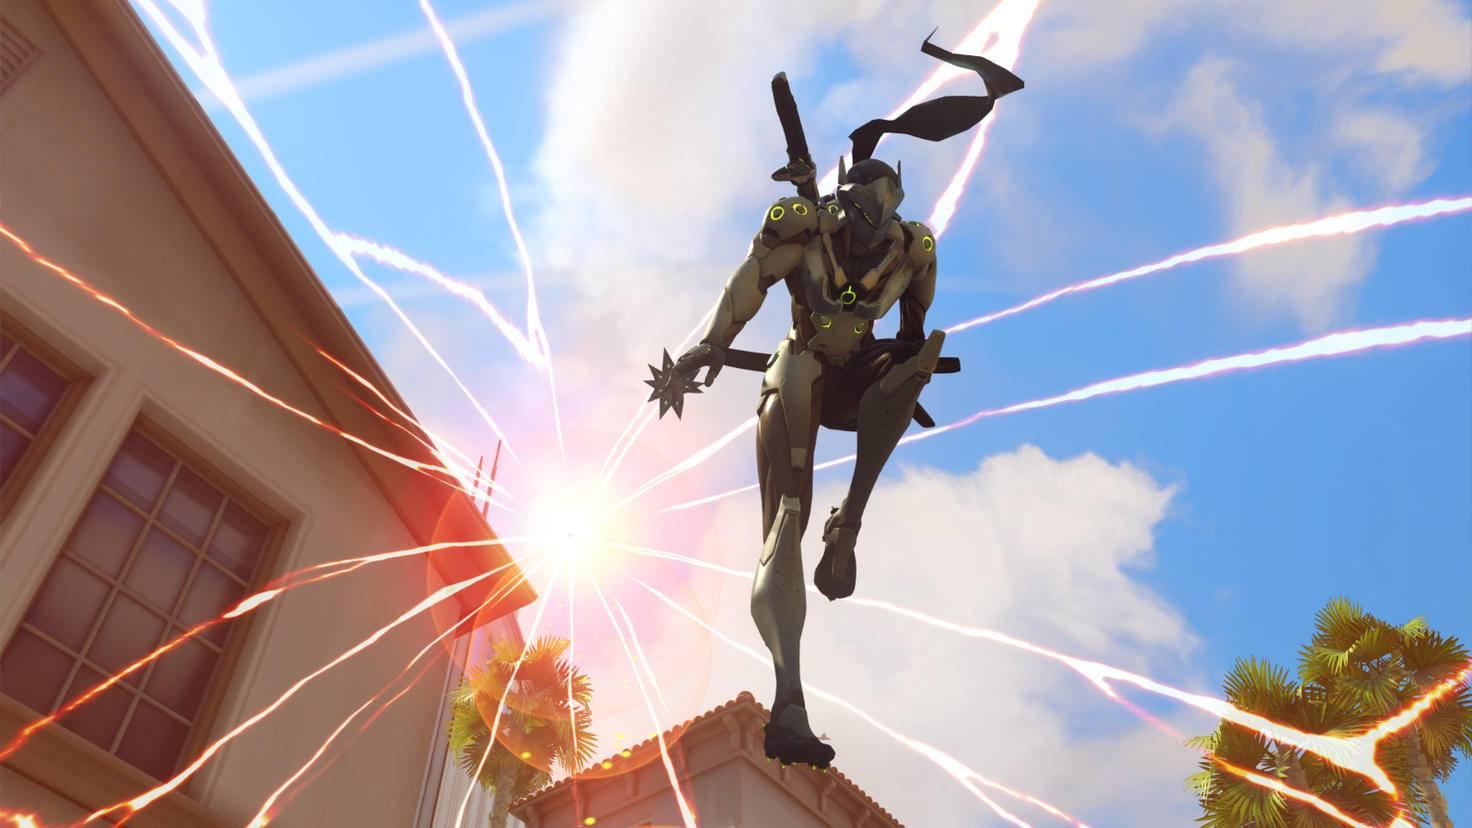 Agile Helden wie Genji sind in den Deathmatch-Modi besonders erfolgreich.